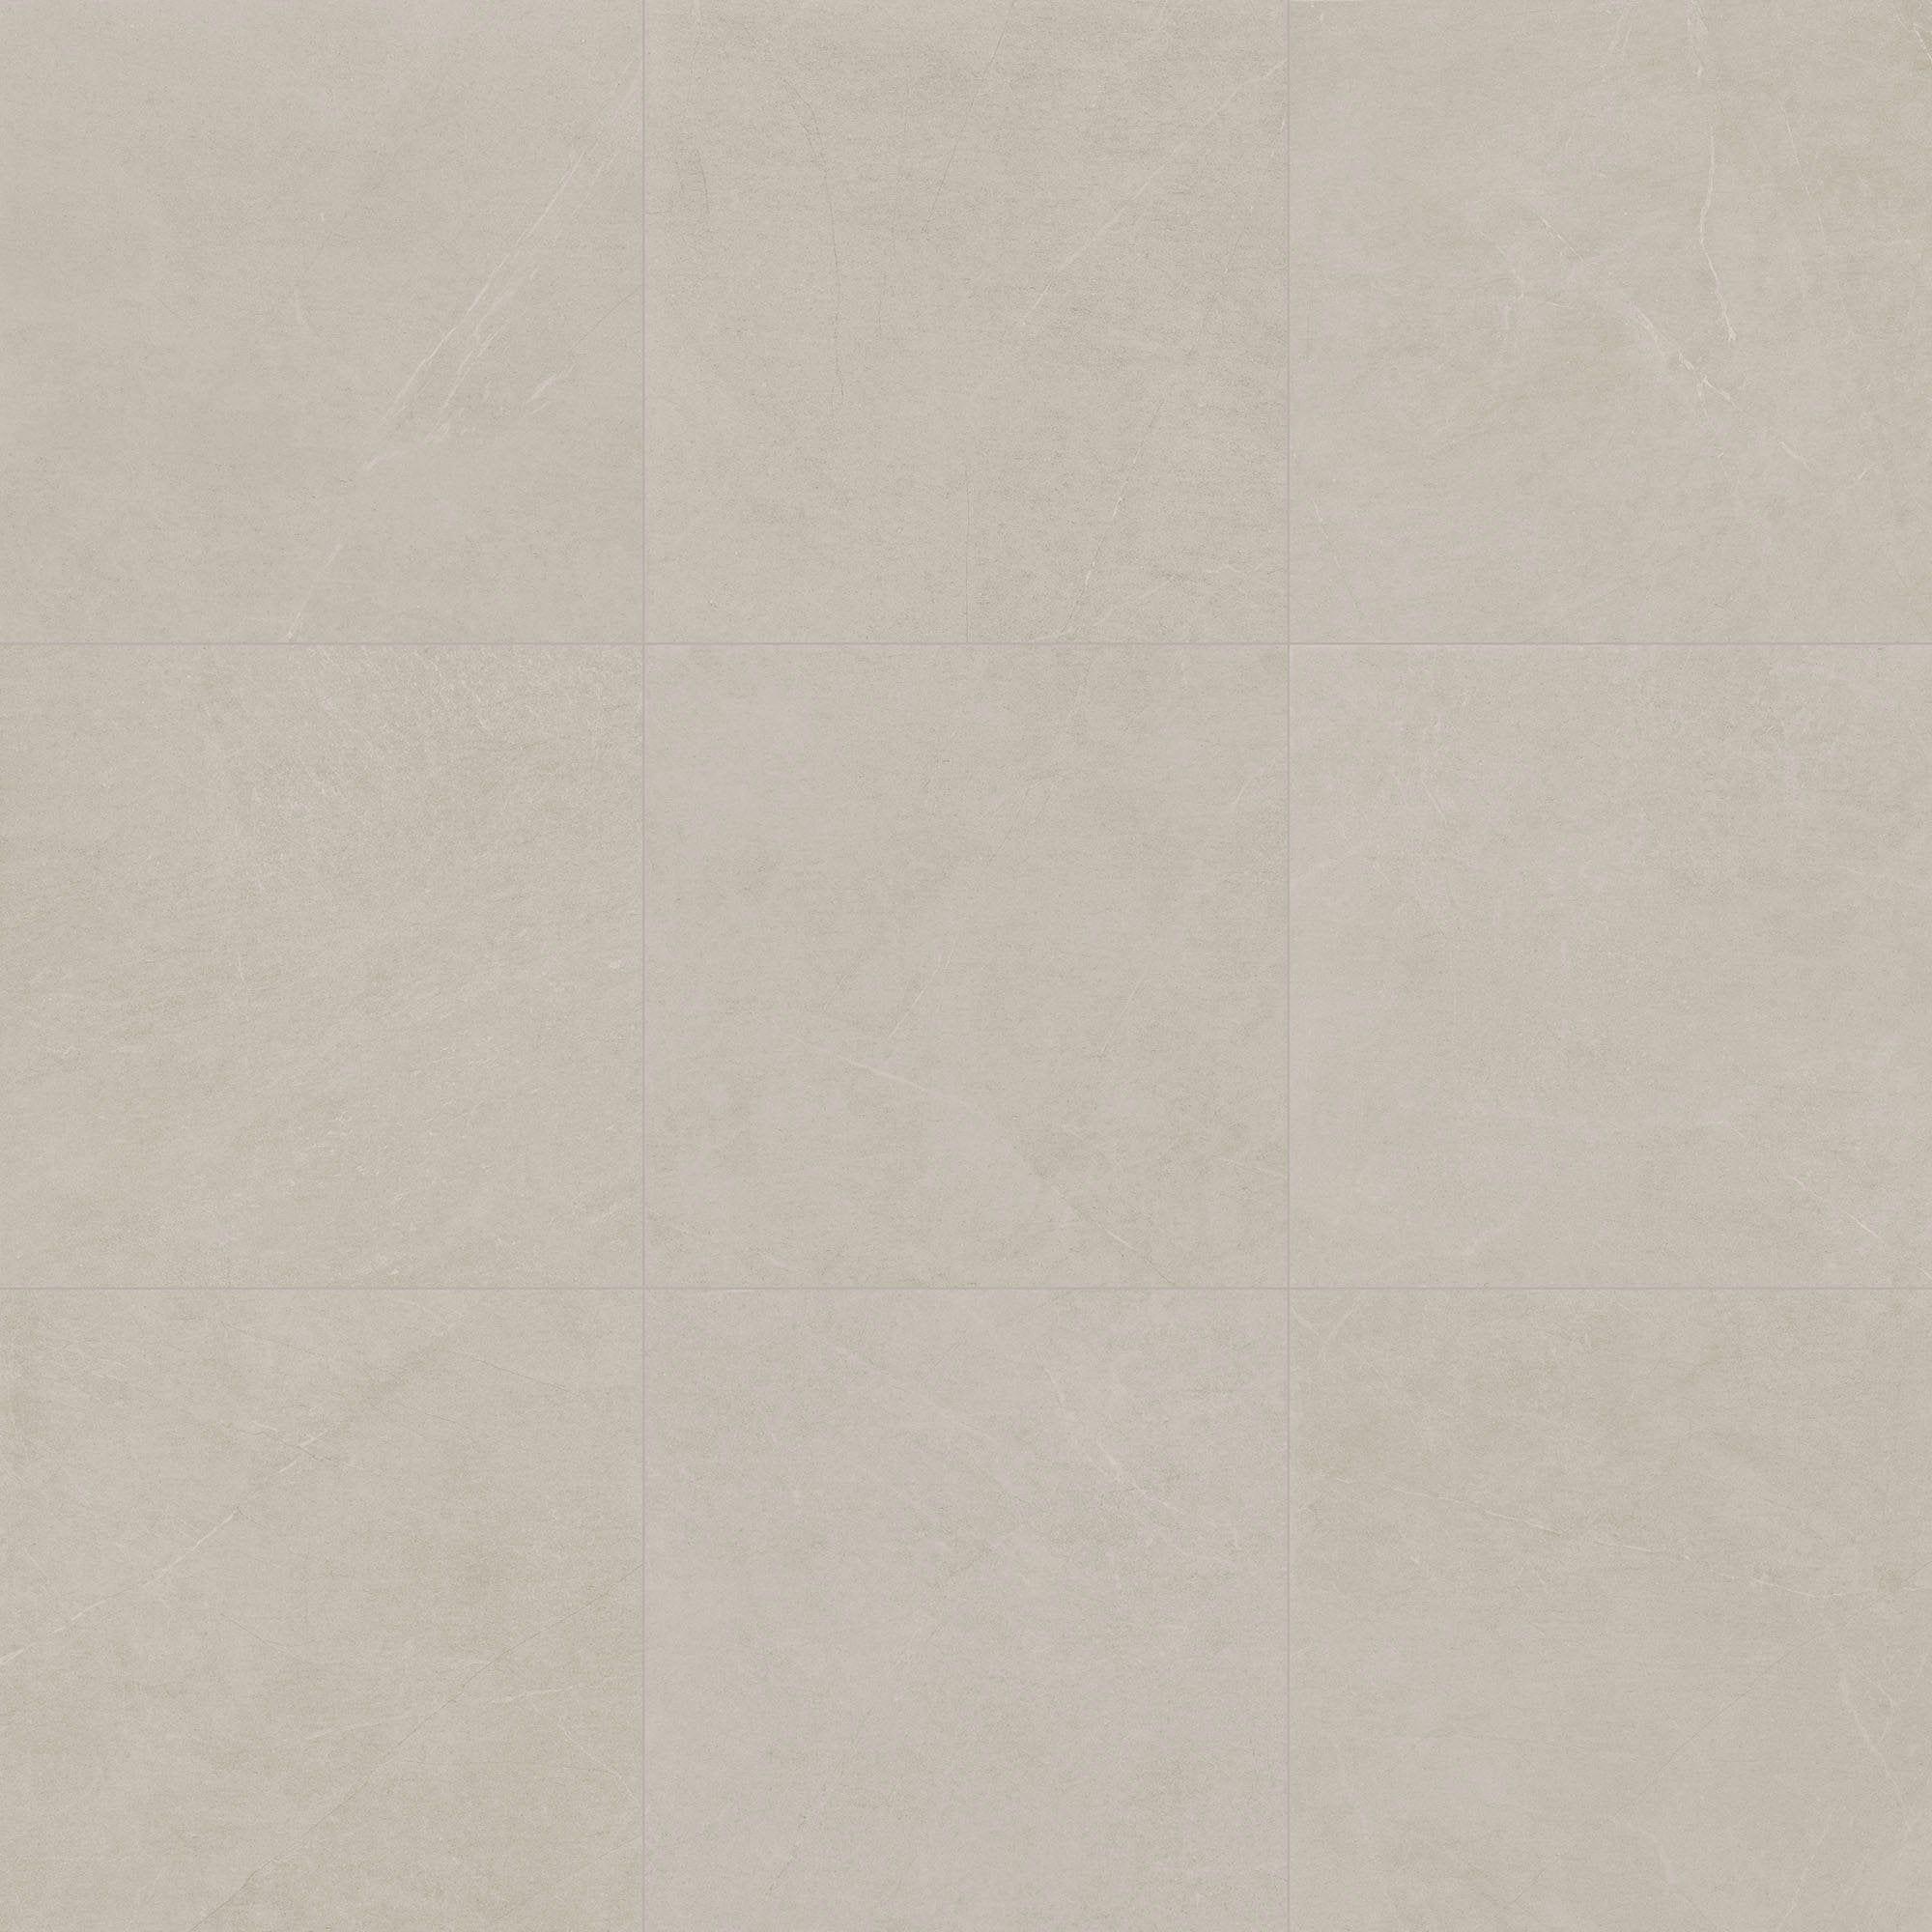 Carrelage Sol Et Mur Intenso Effet Pierre Light Master L 60 X L 60